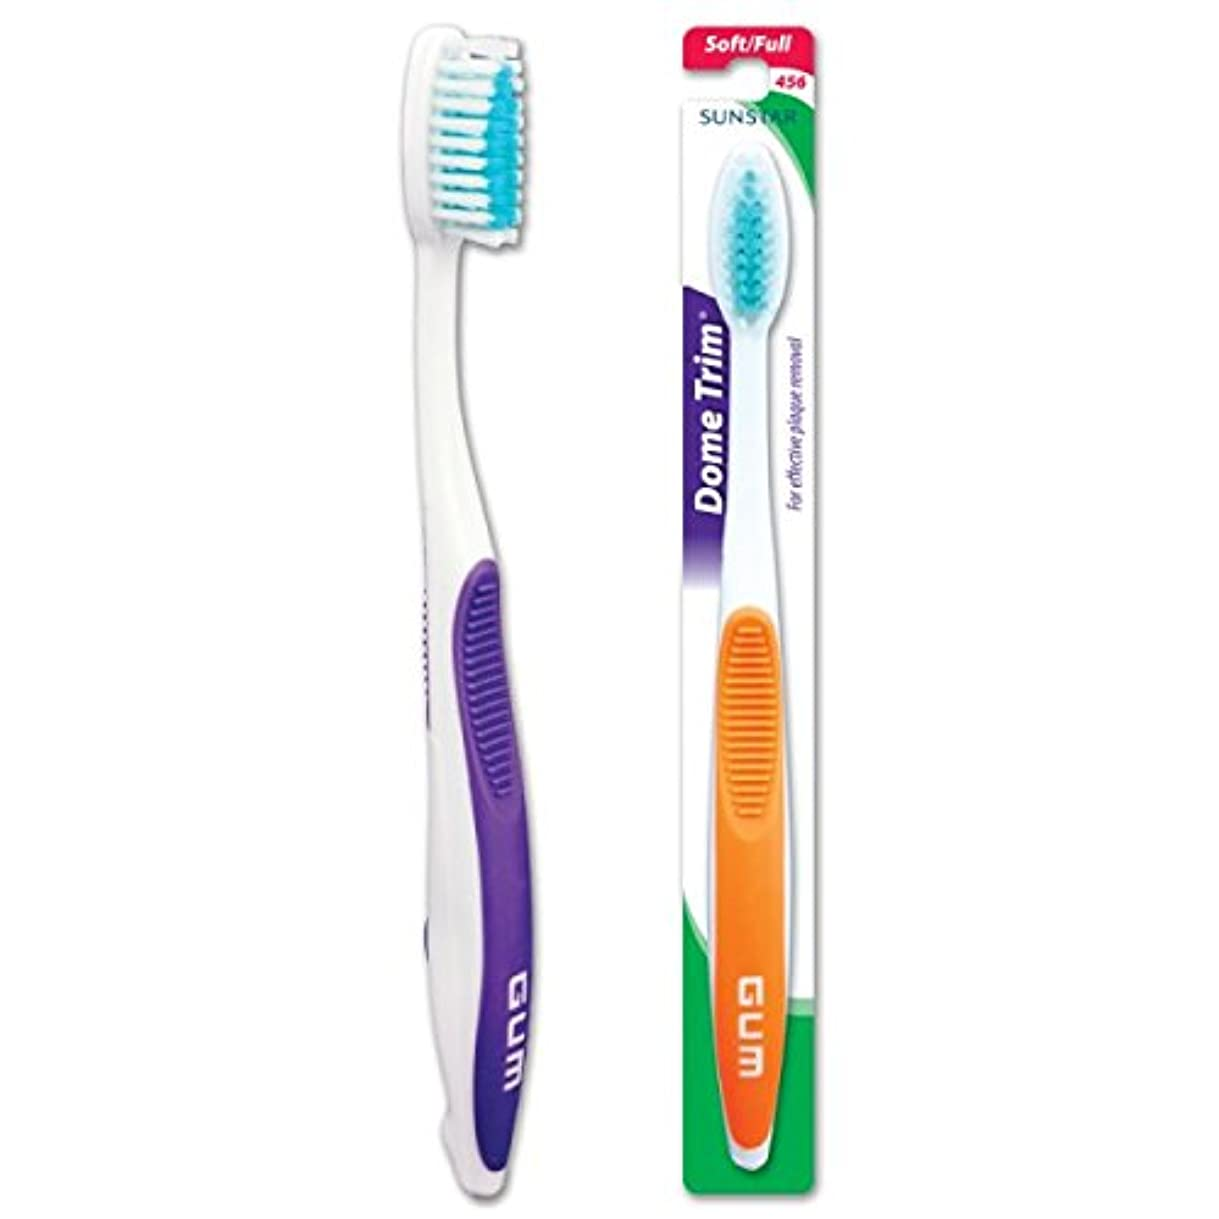 添加パイント慢性的GUM Dome Trim Soft Toothbrush